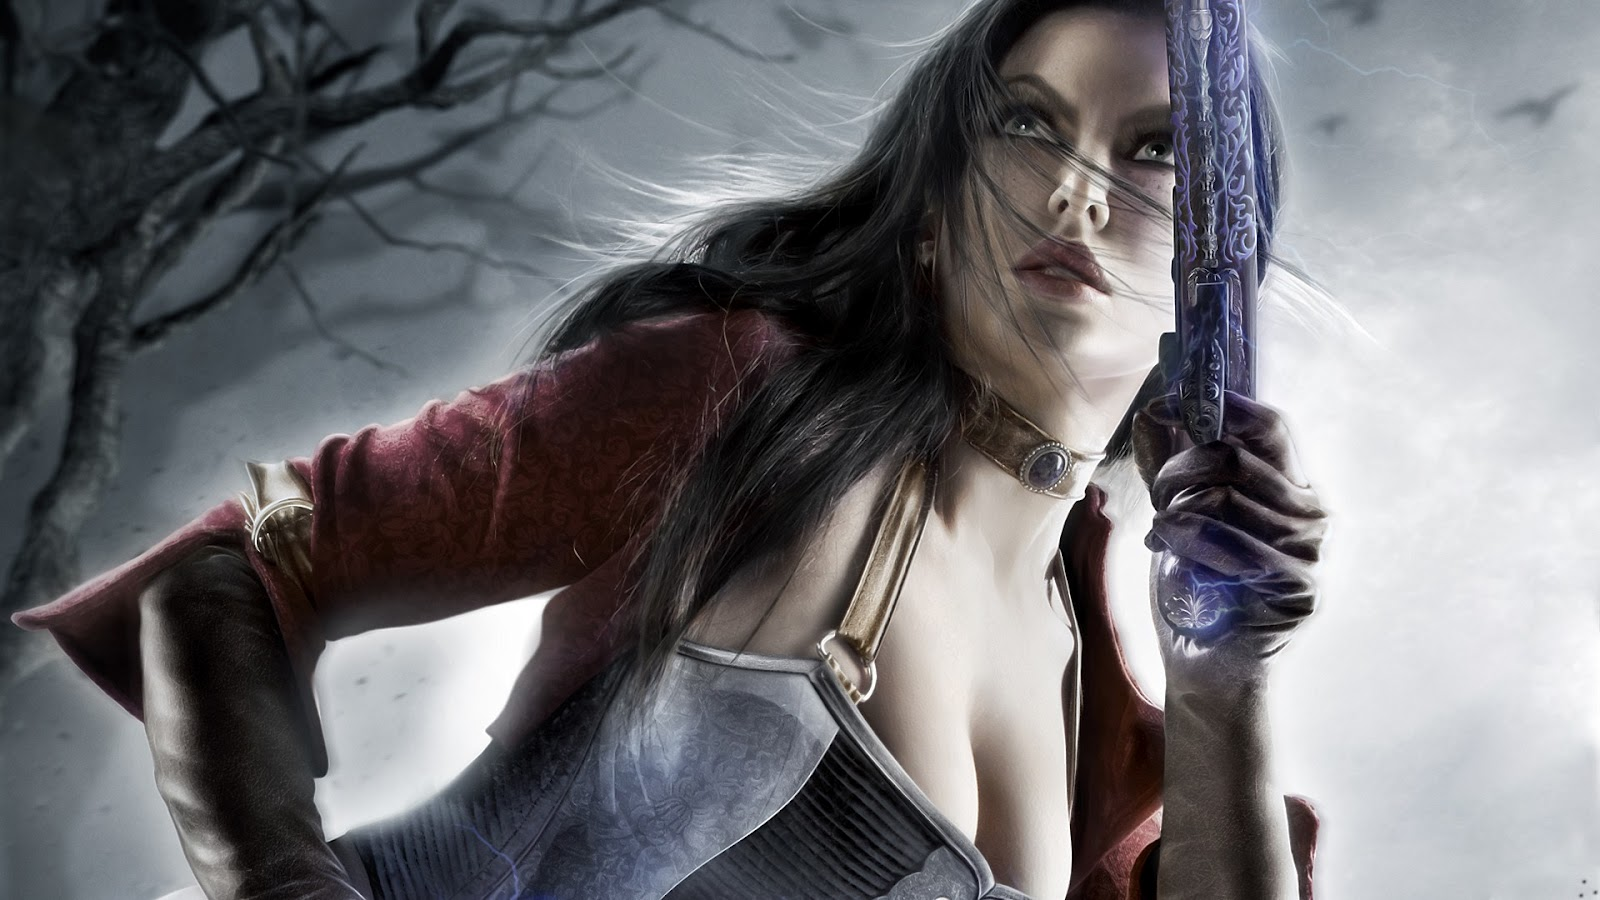 http://1.bp.blogspot.com/-XOE_O7tqWaY/T1o7aQYk3bI/AAAAAAAAA3o/CeOhjPokak4/s1600/Dungeon_Siege_3_Woman_Character_Game_Art_HD_Wallpaper-gWb.jpg